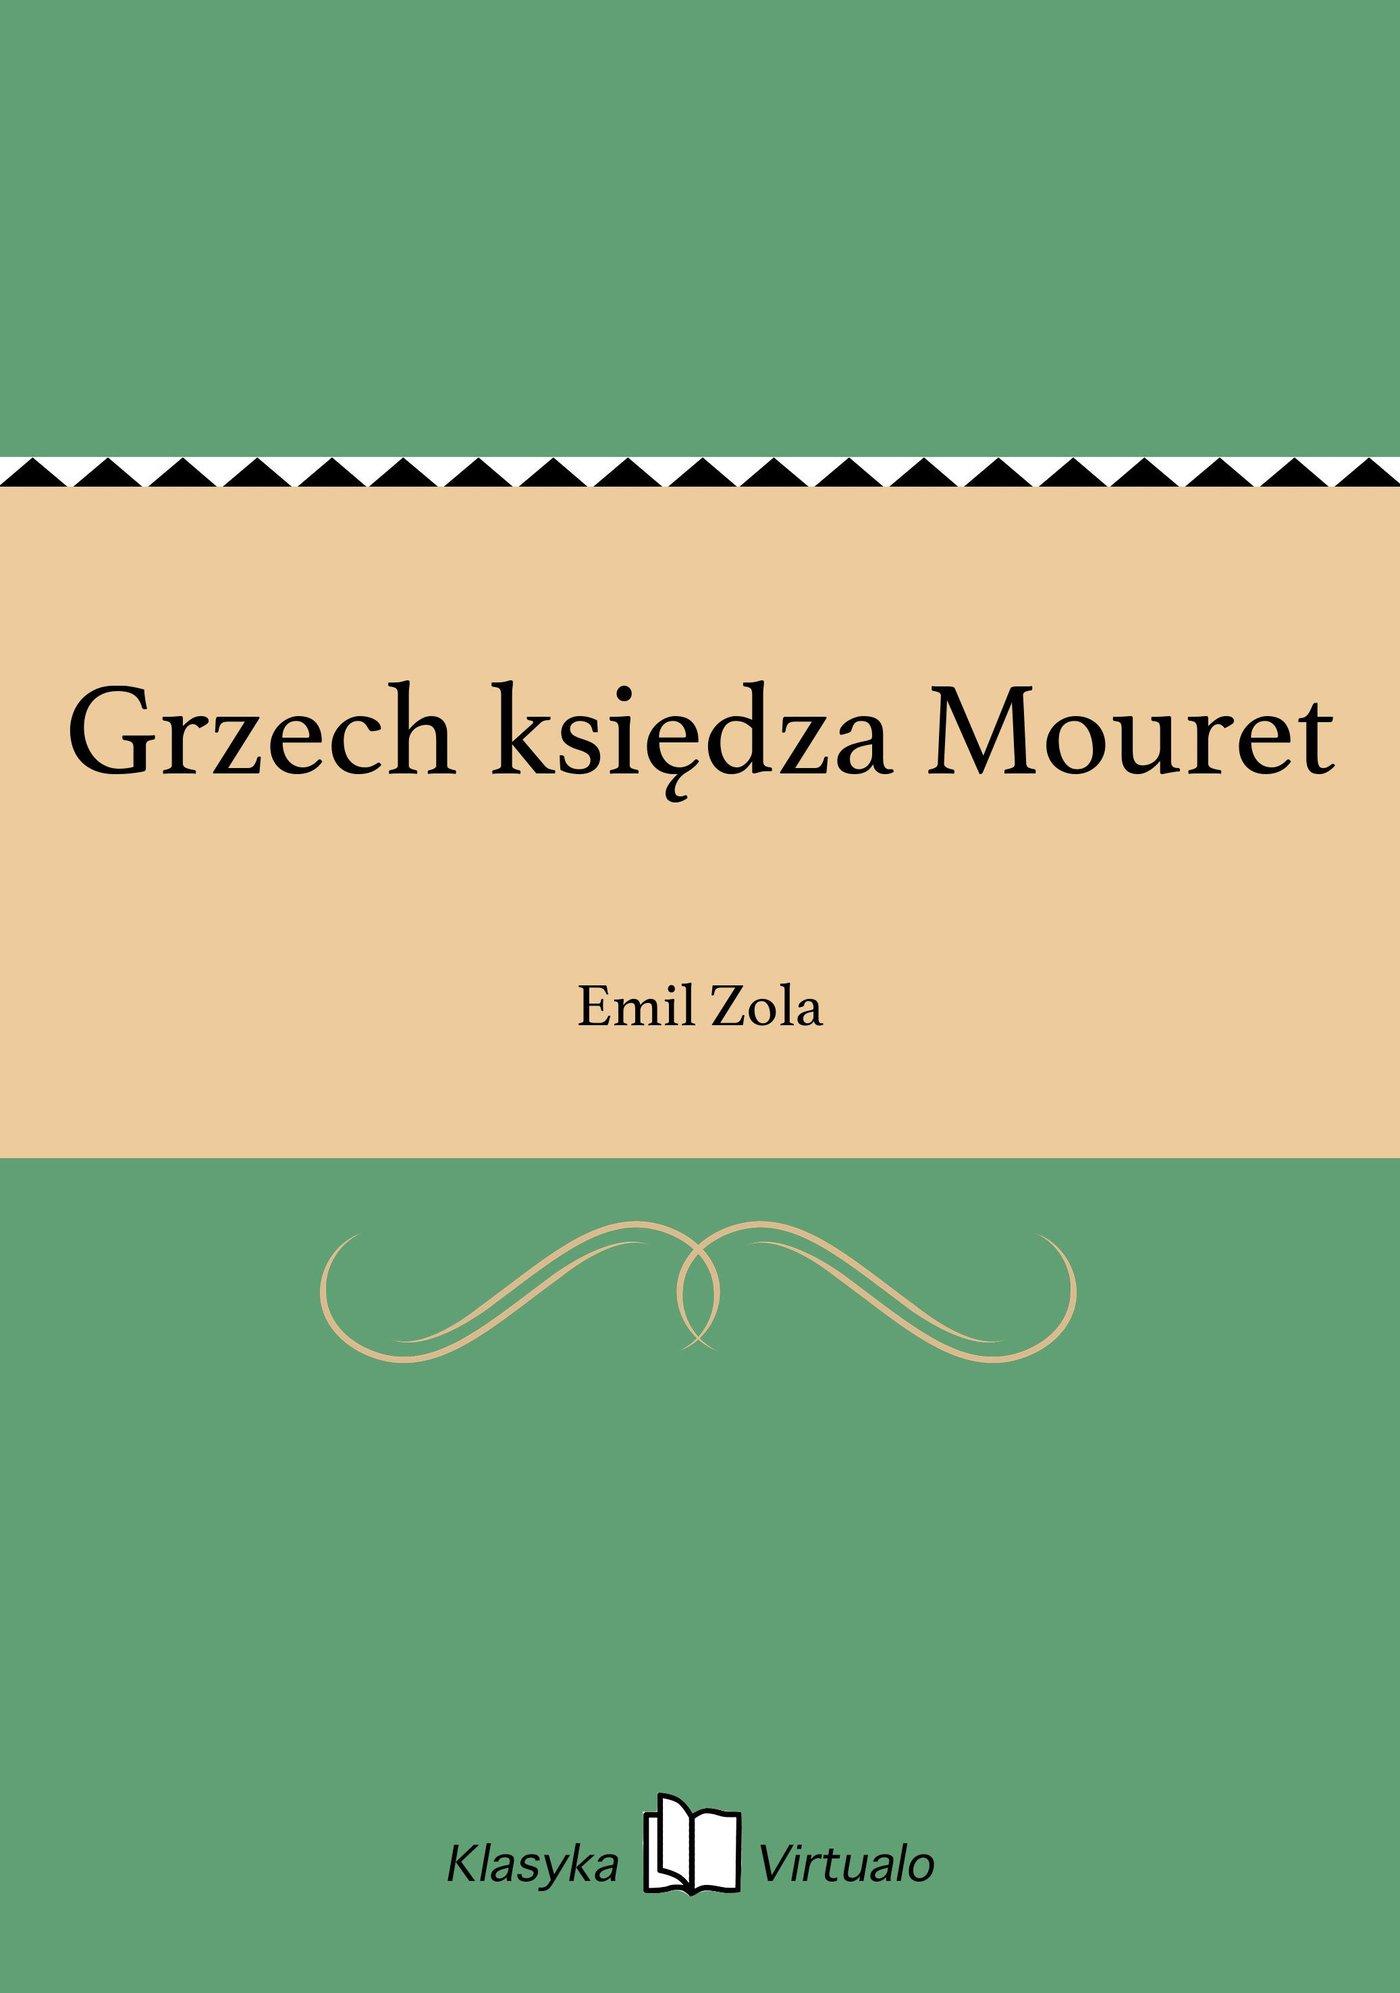 Grzech księdza Mouret - Ebook (Książka na Kindle) do pobrania w formacie MOBI